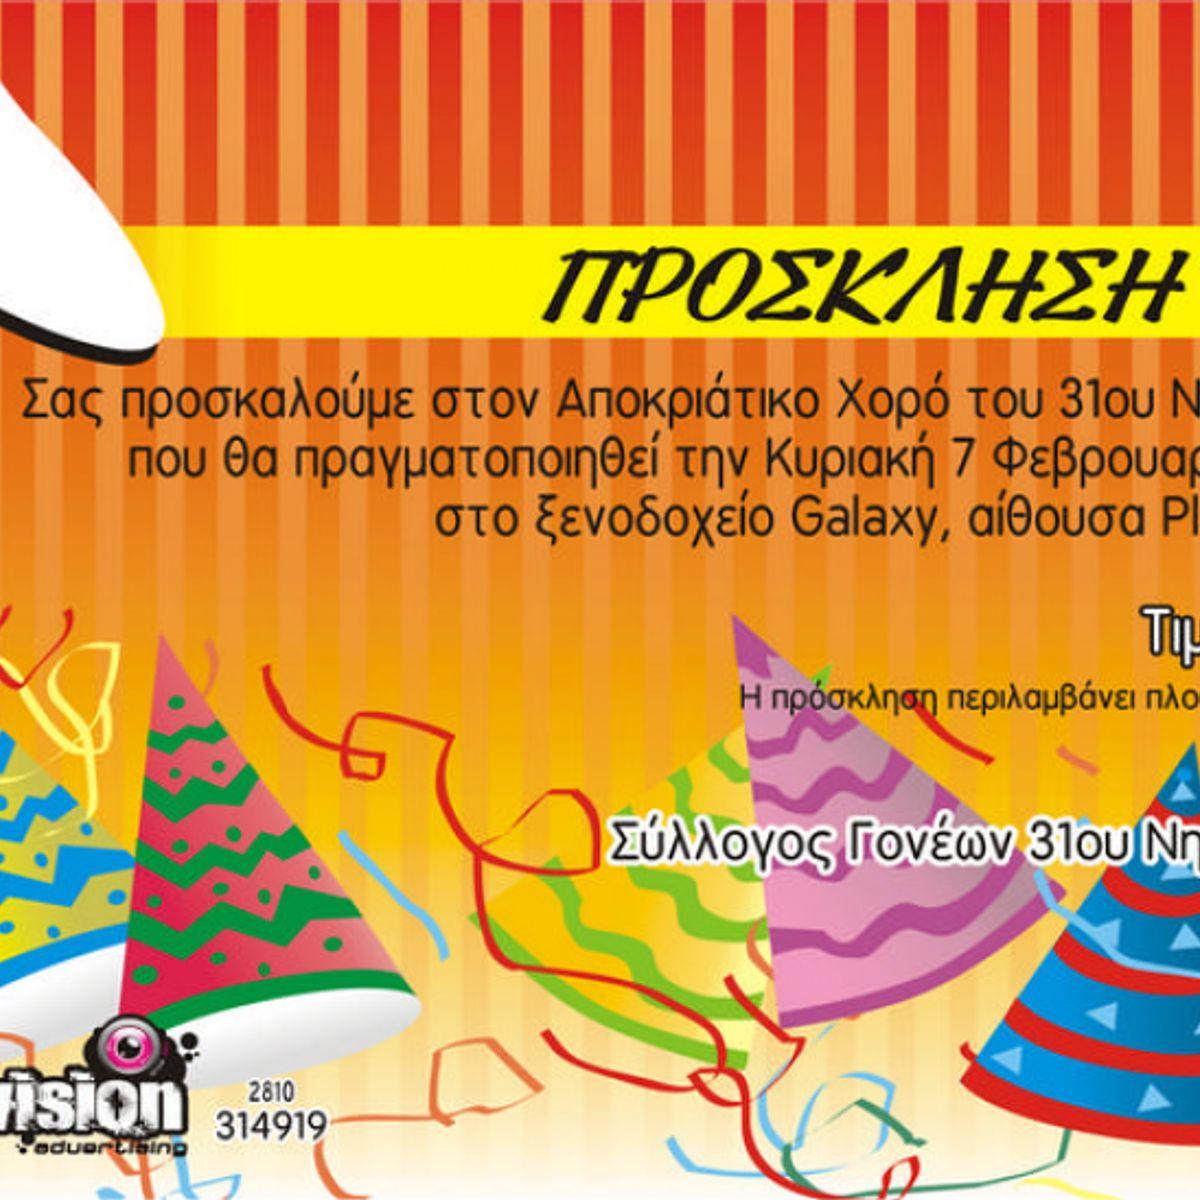 Προσκλήσεις - inv3584